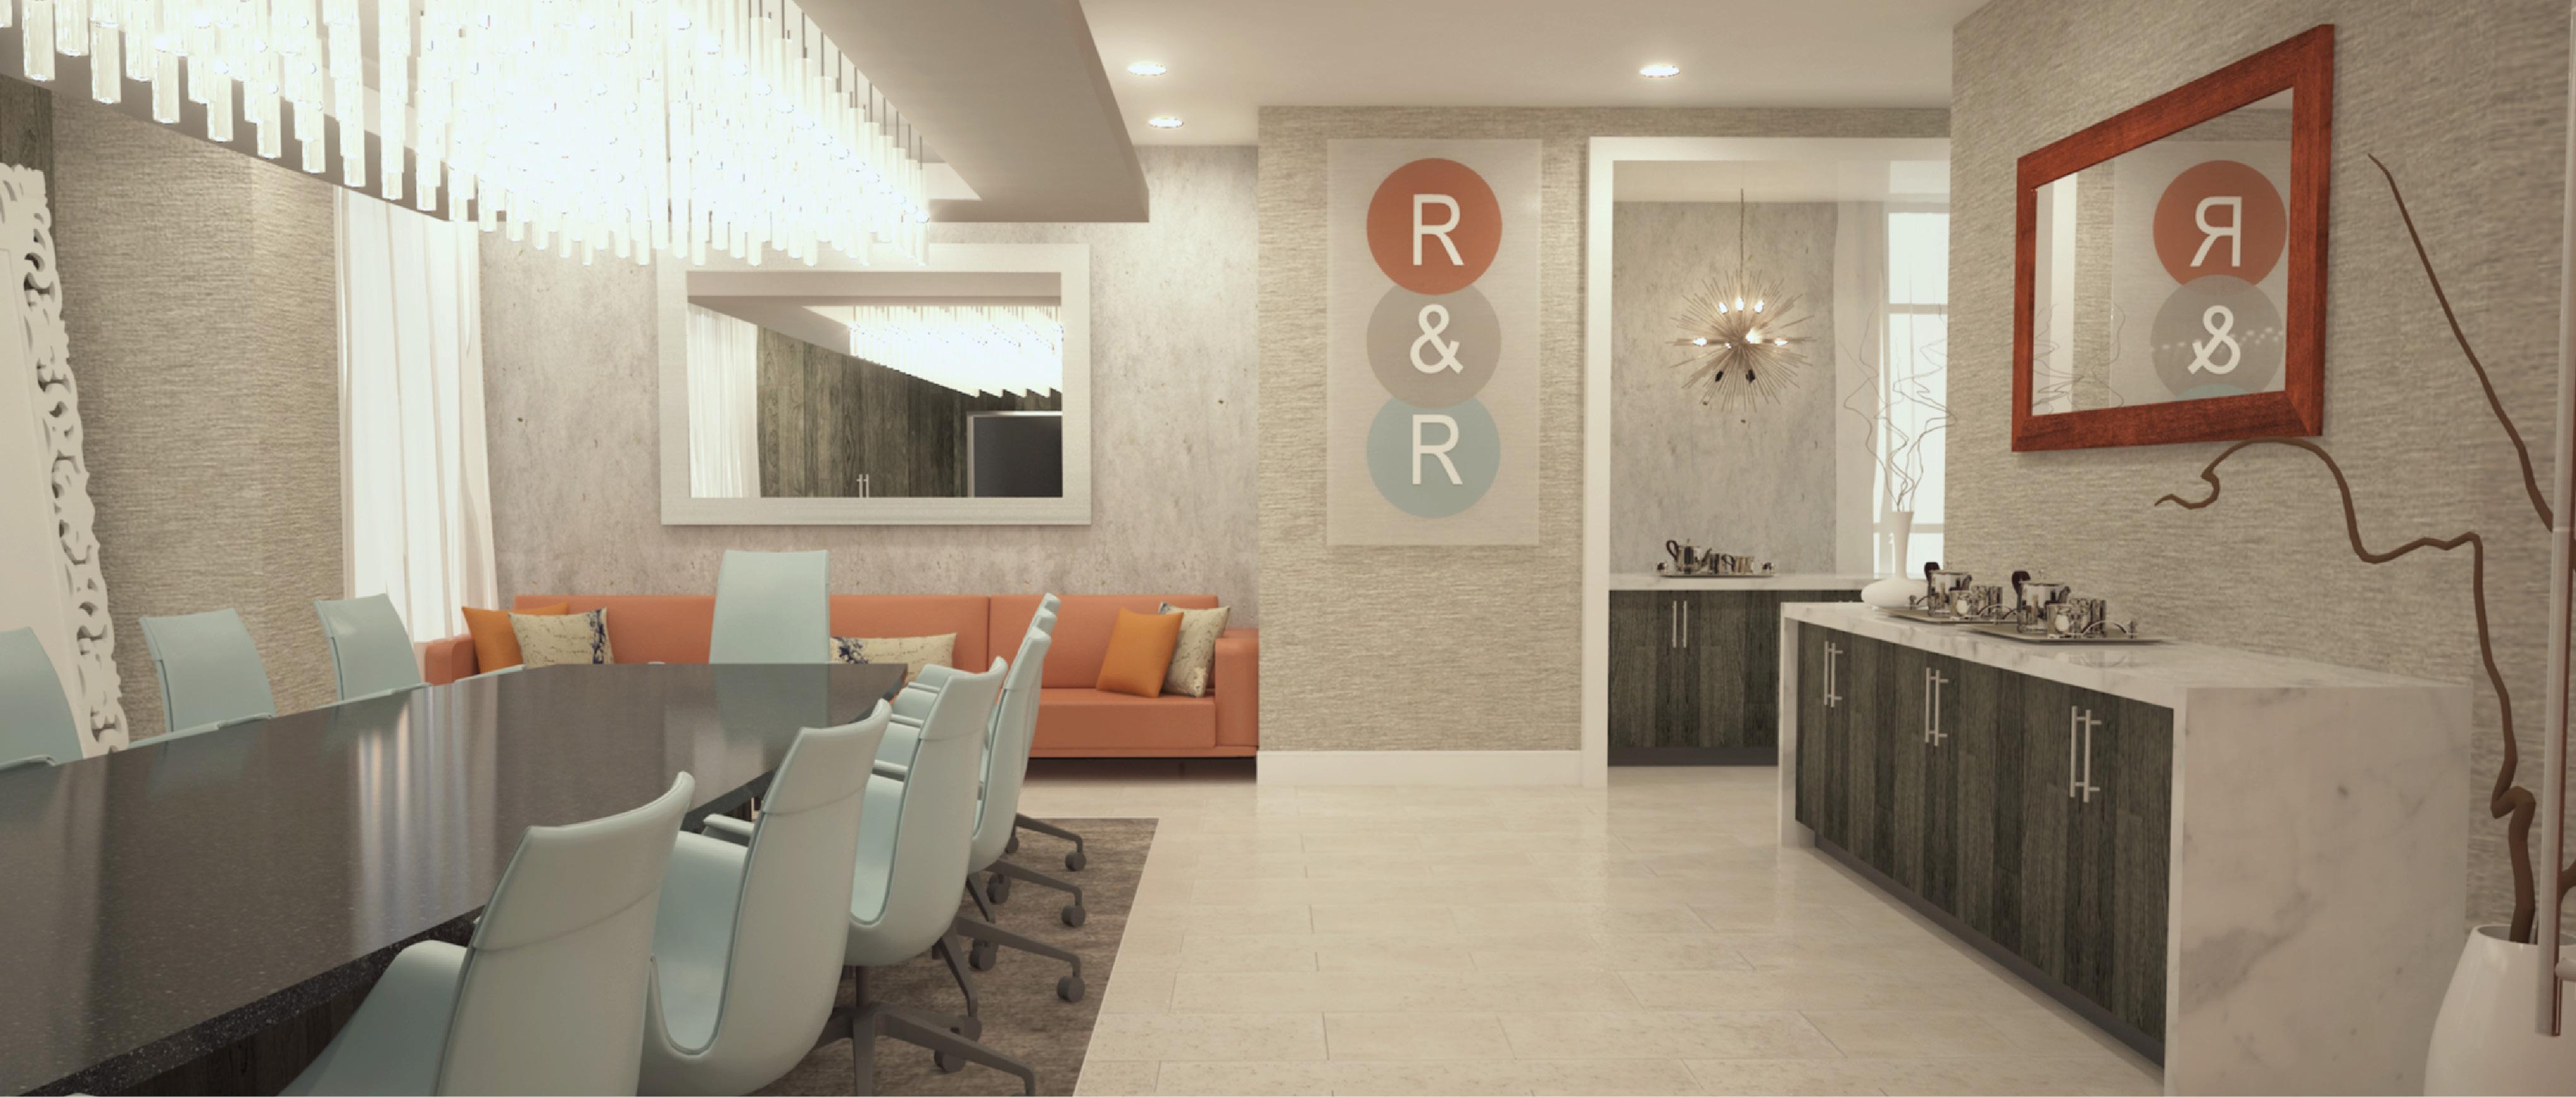 R&R Chambers